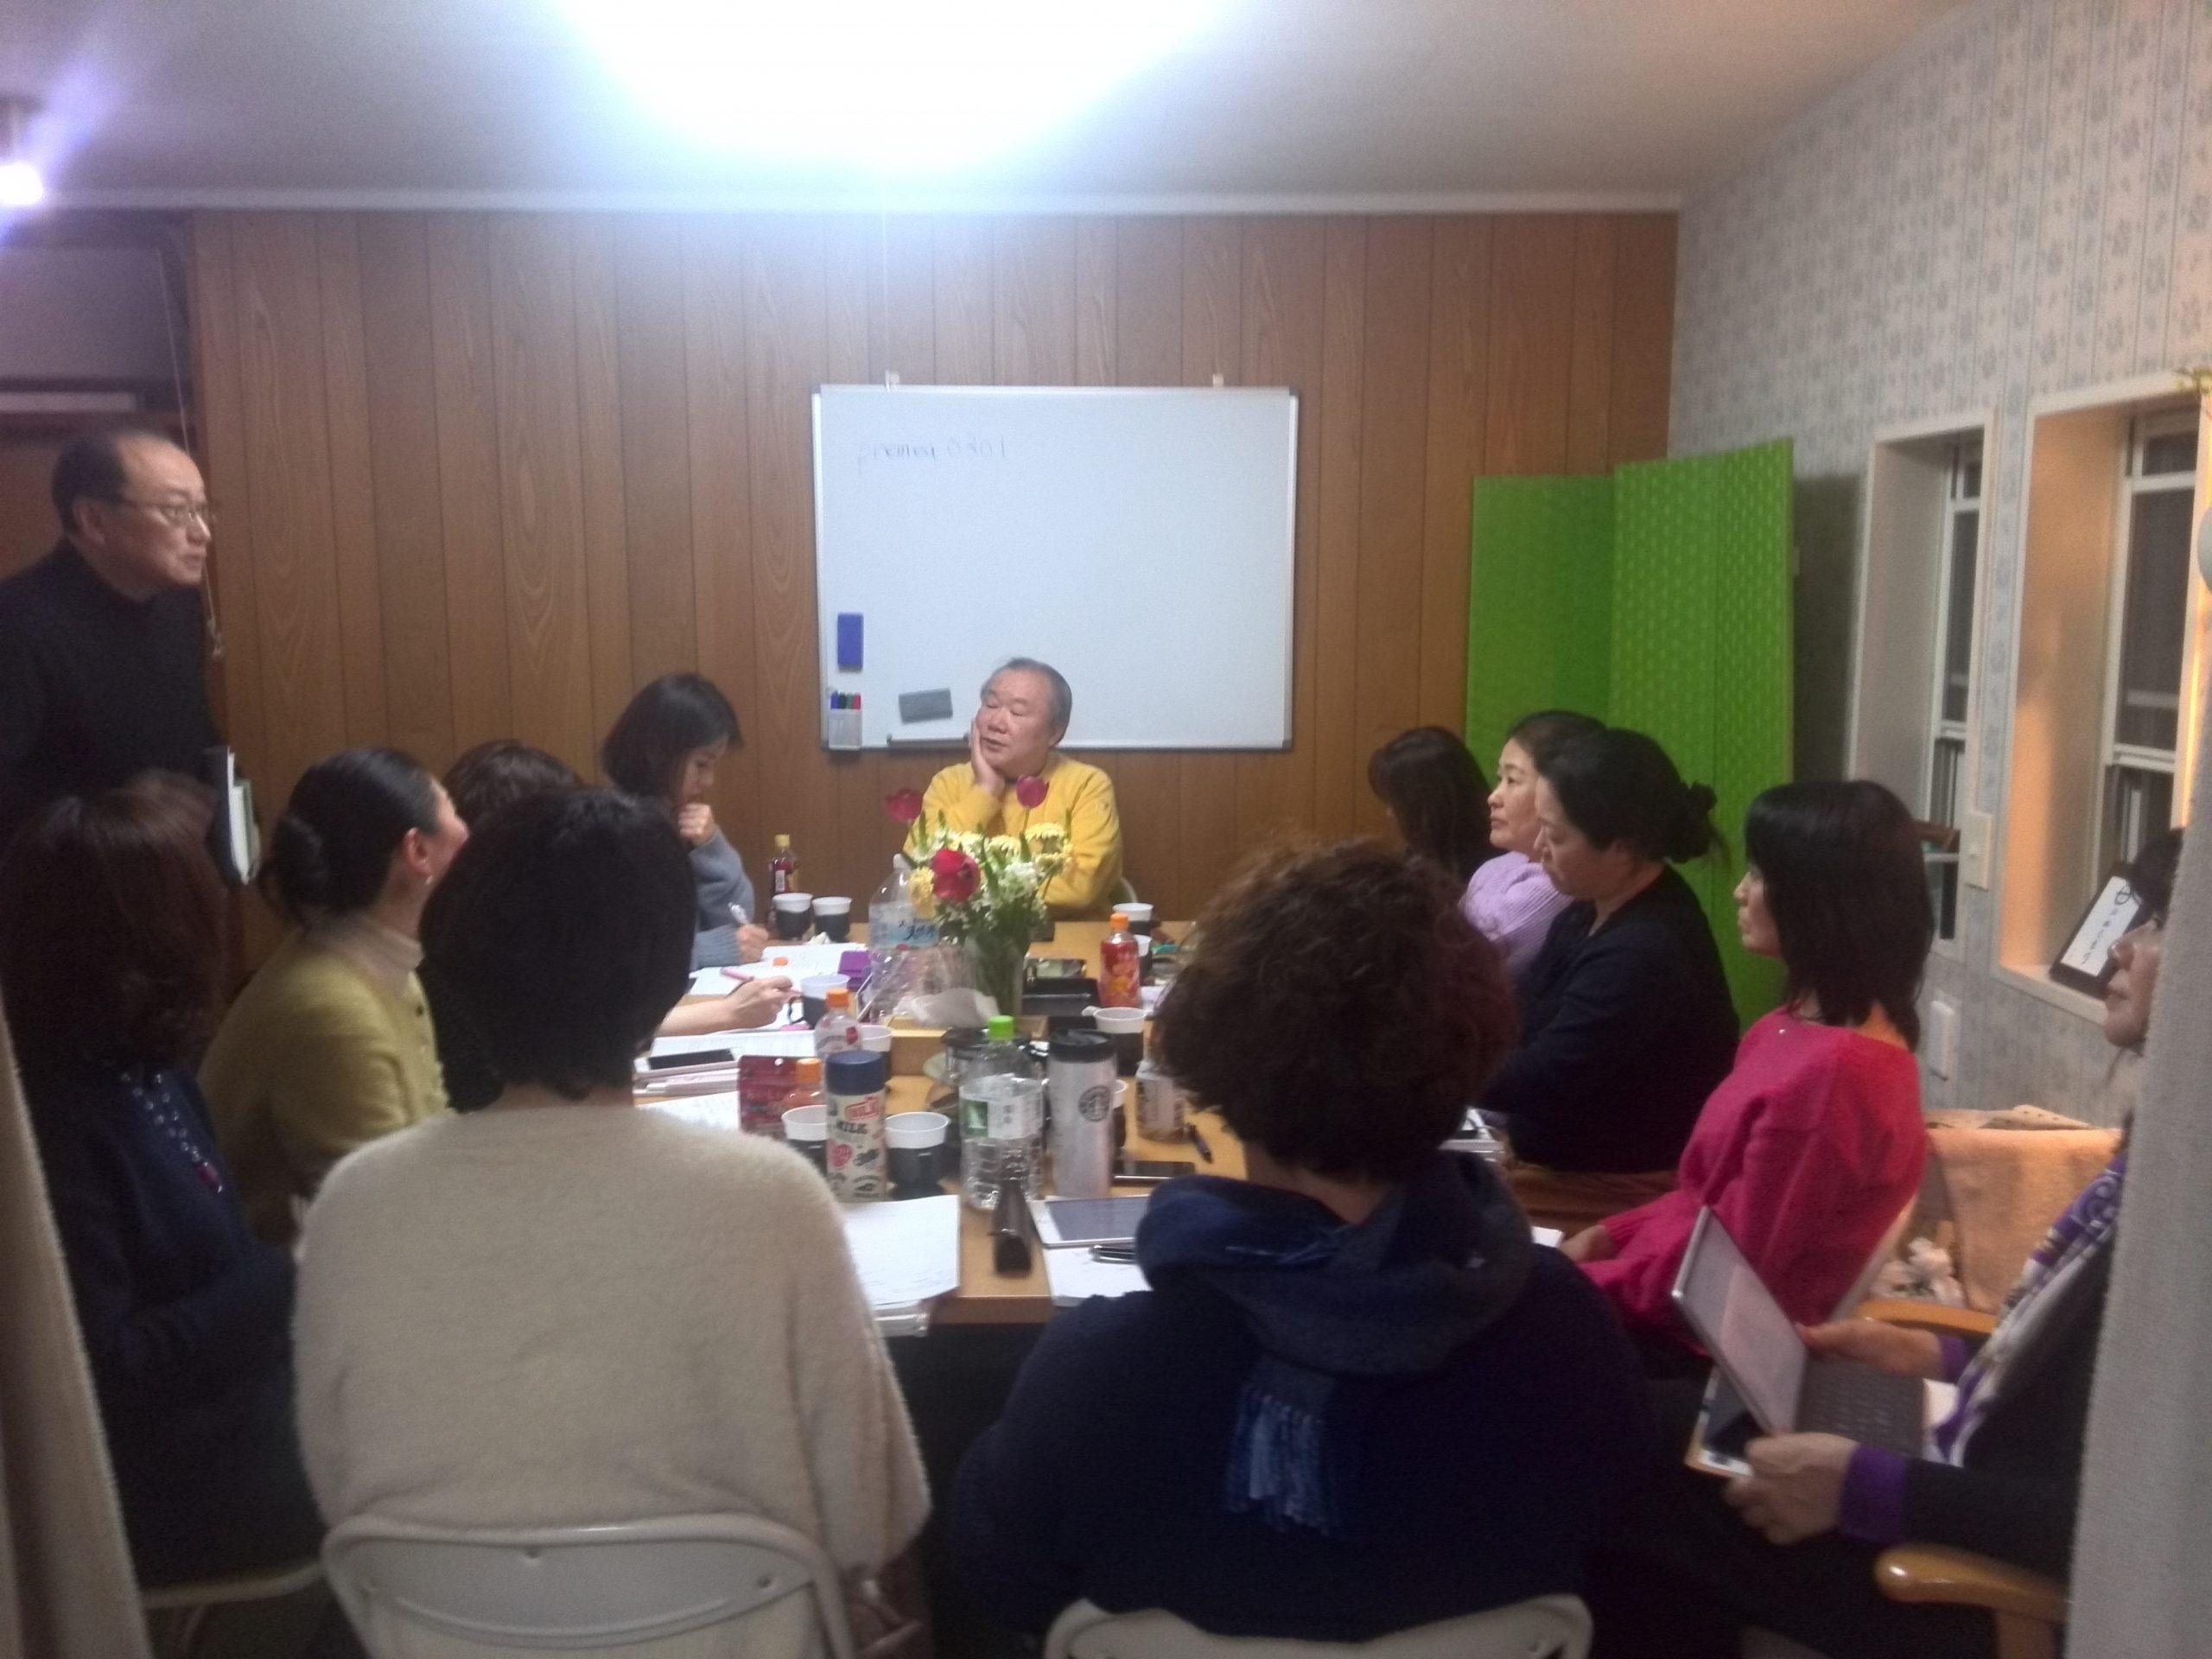 IMG 20110118 225245 scaled - 胎内記憶教育協会、講師養成講座第5期の最終講義